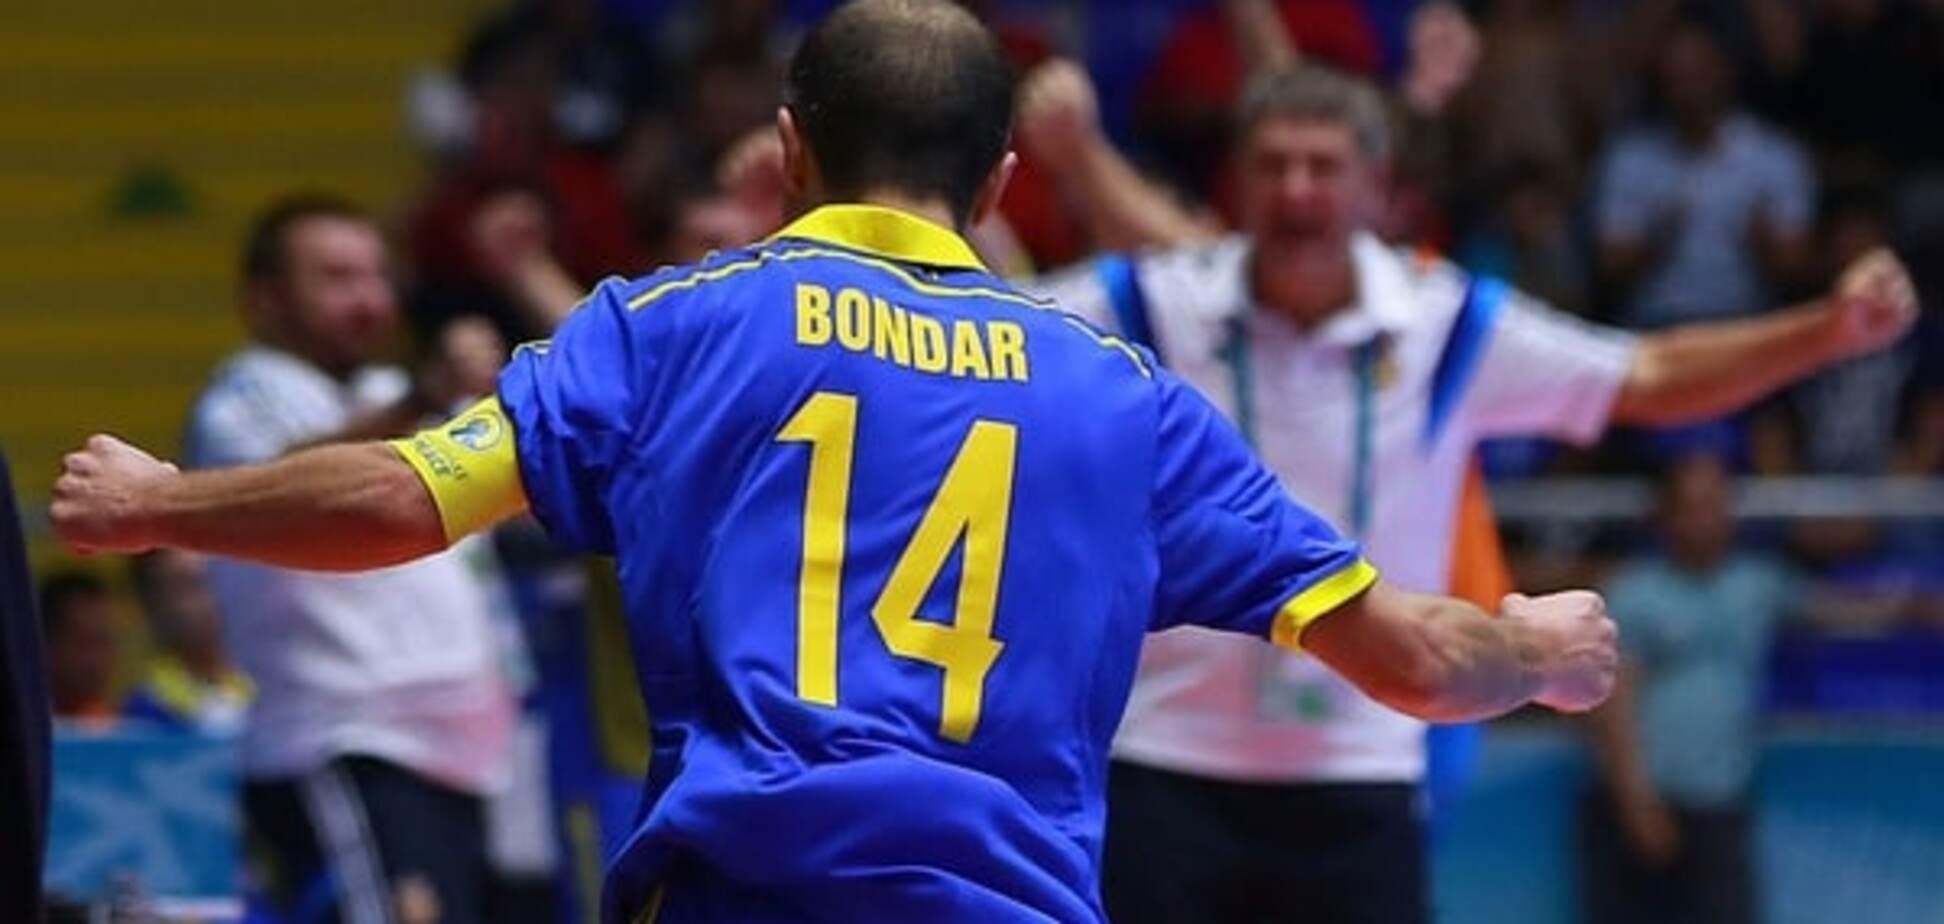 Аргентина - Україна: де дивитися матч 1/8 фіналу чемпіонату світу з футзалу